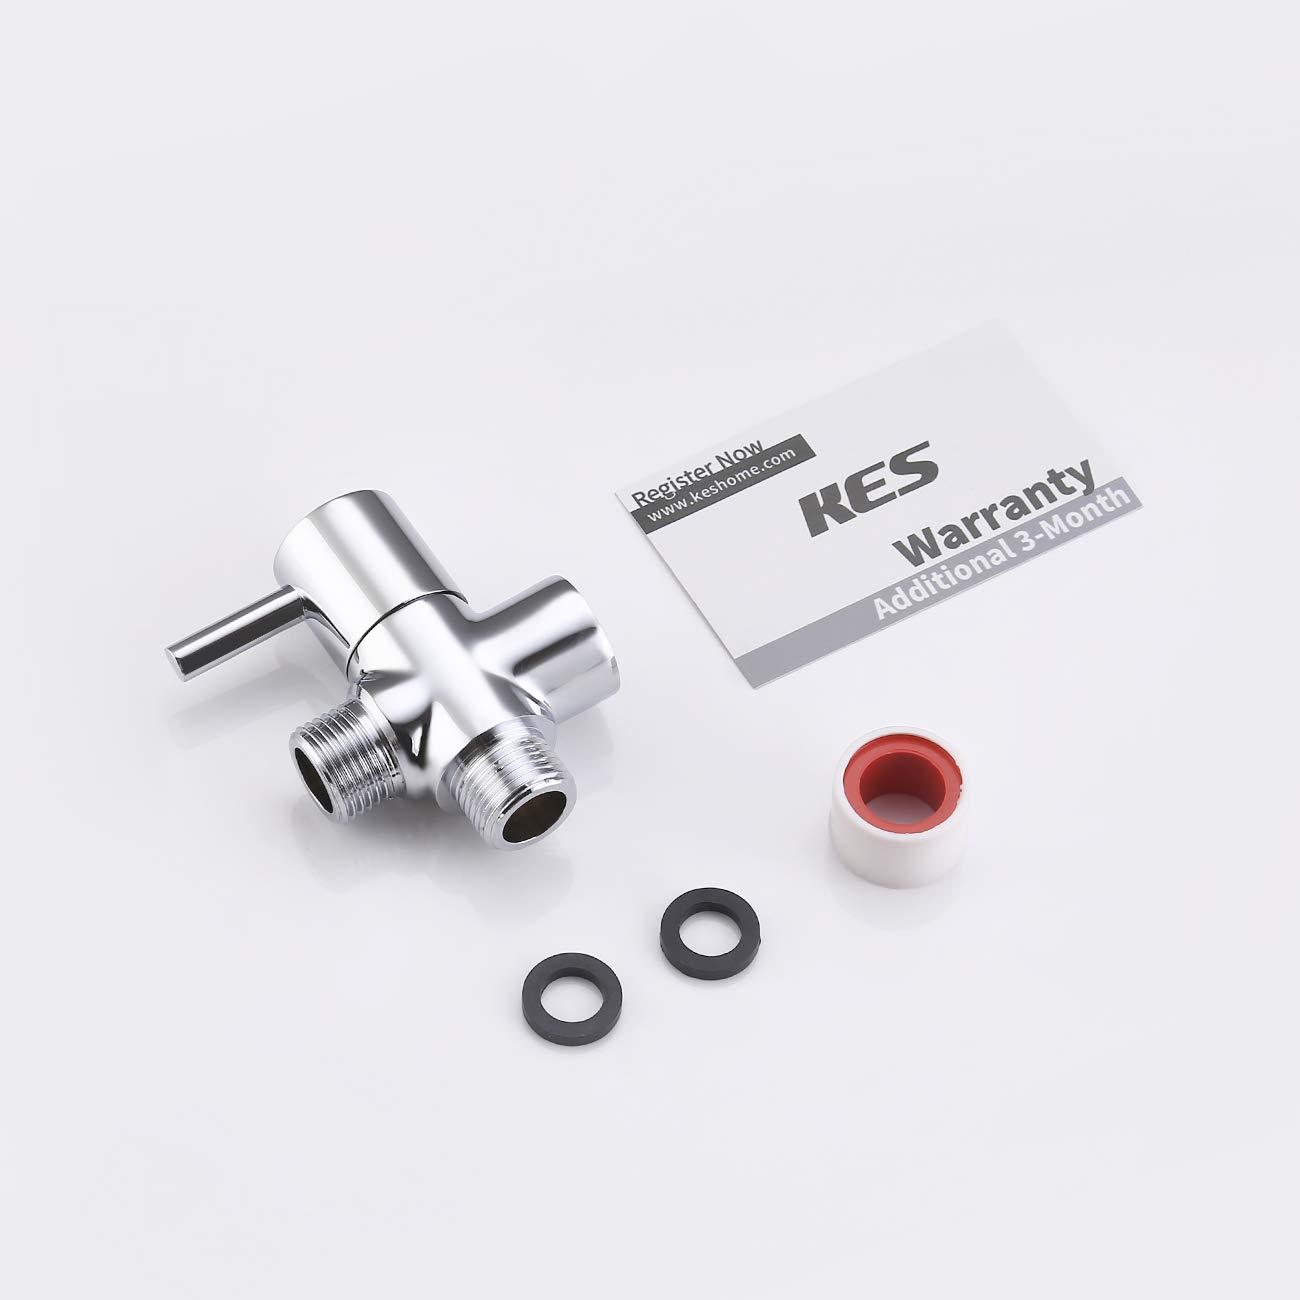 Cepillado N/¨/ªquel PV14-2 KES V/¨/¢lvula Desviadora Ducha Brazo Universal Sistema Componente Recambio Parte para Mano Cabo y Fijo Aerosol Cabeza